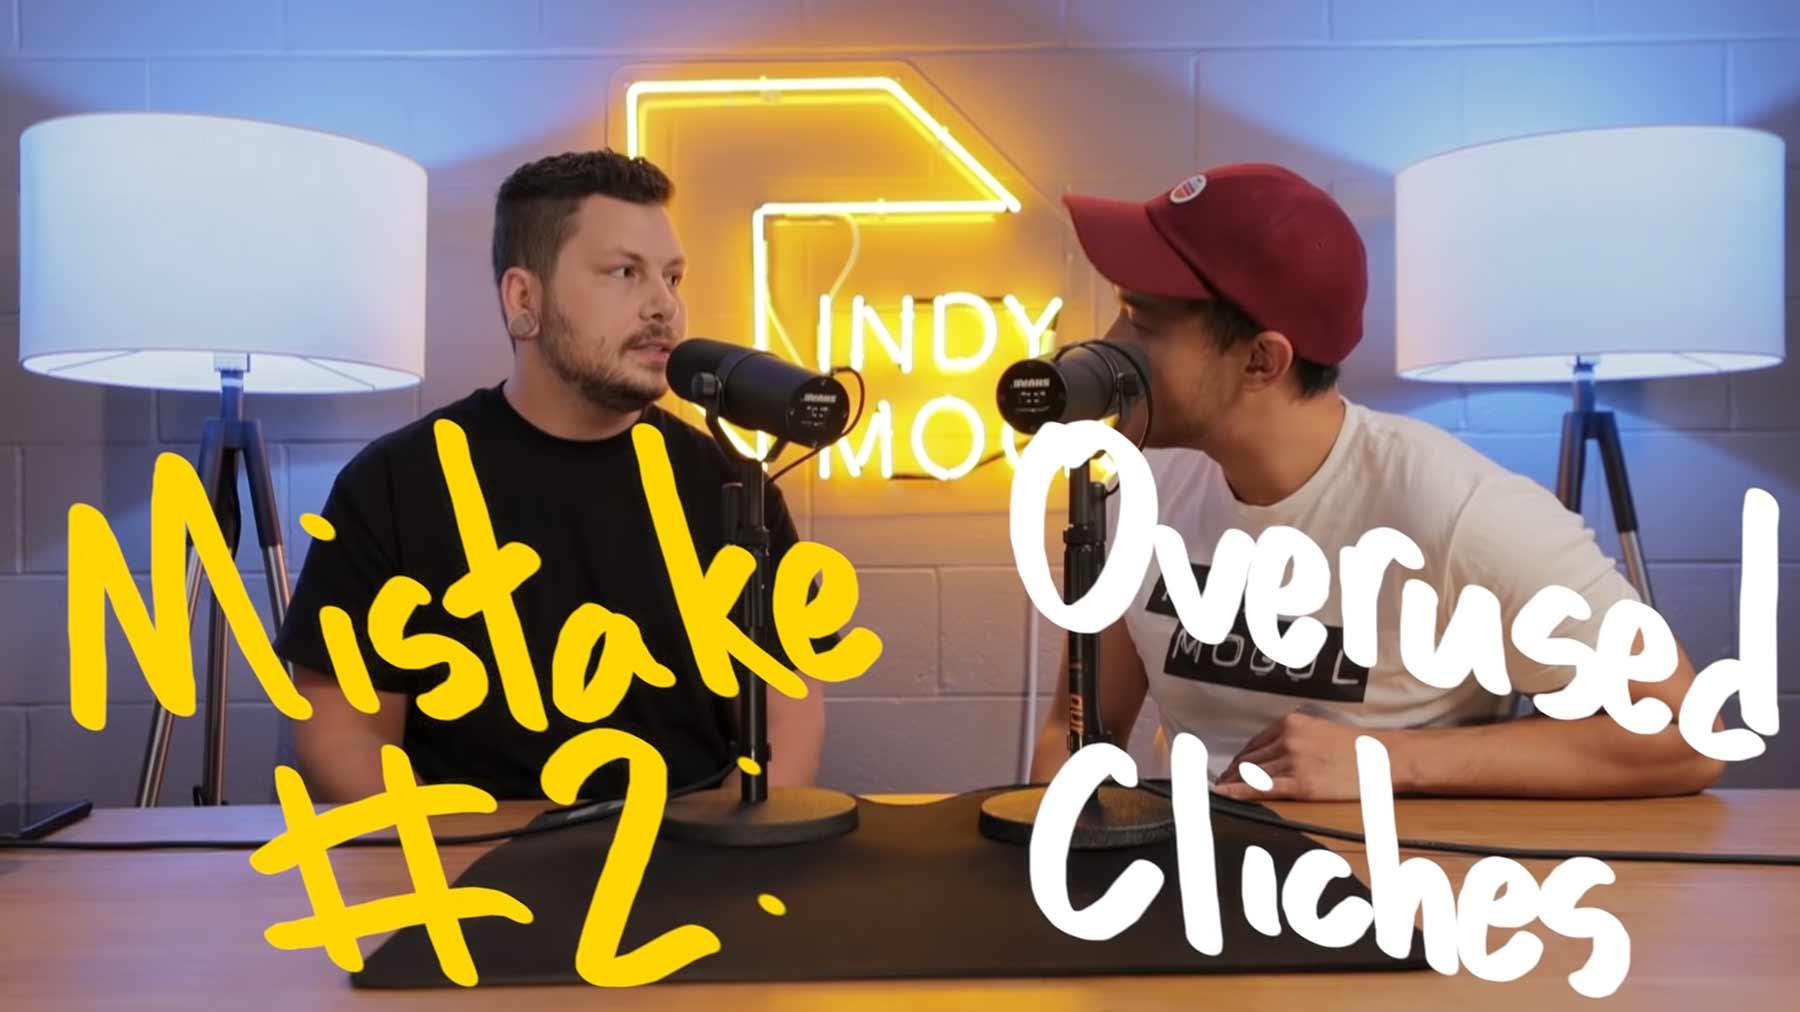 Die 5 größten Fehler in Musikvideos